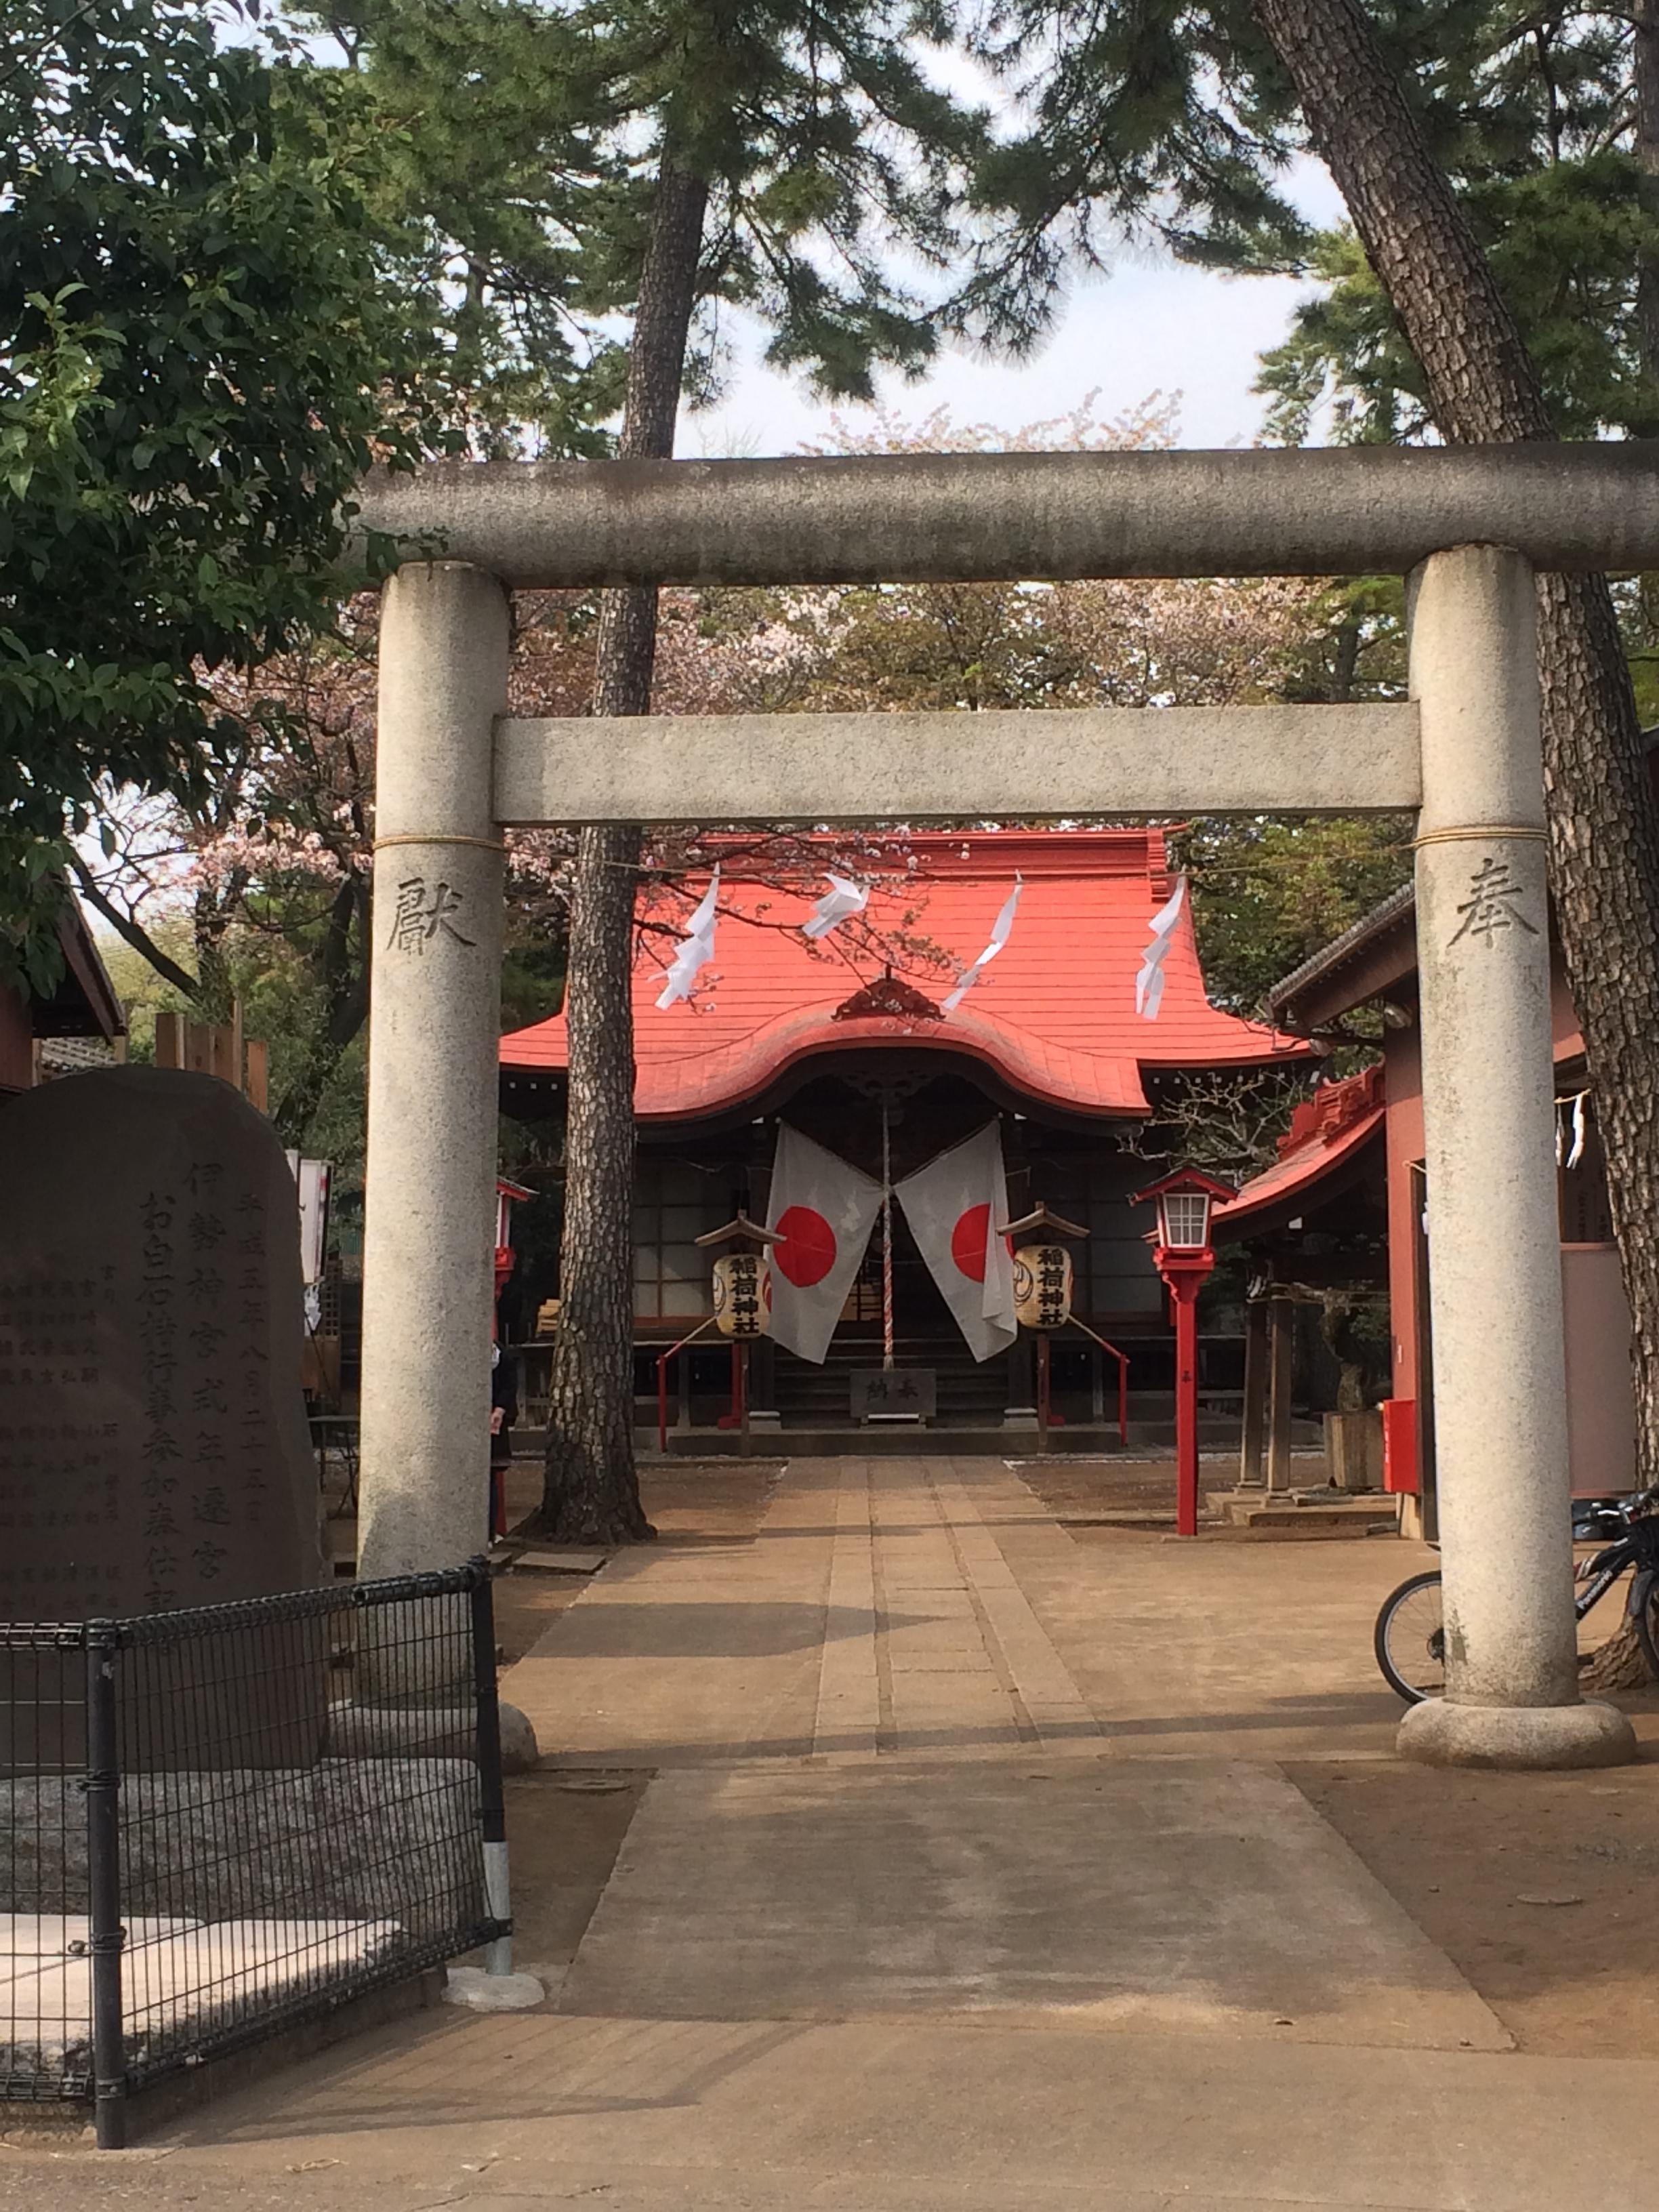 上鈴木稲荷神社の鳥居